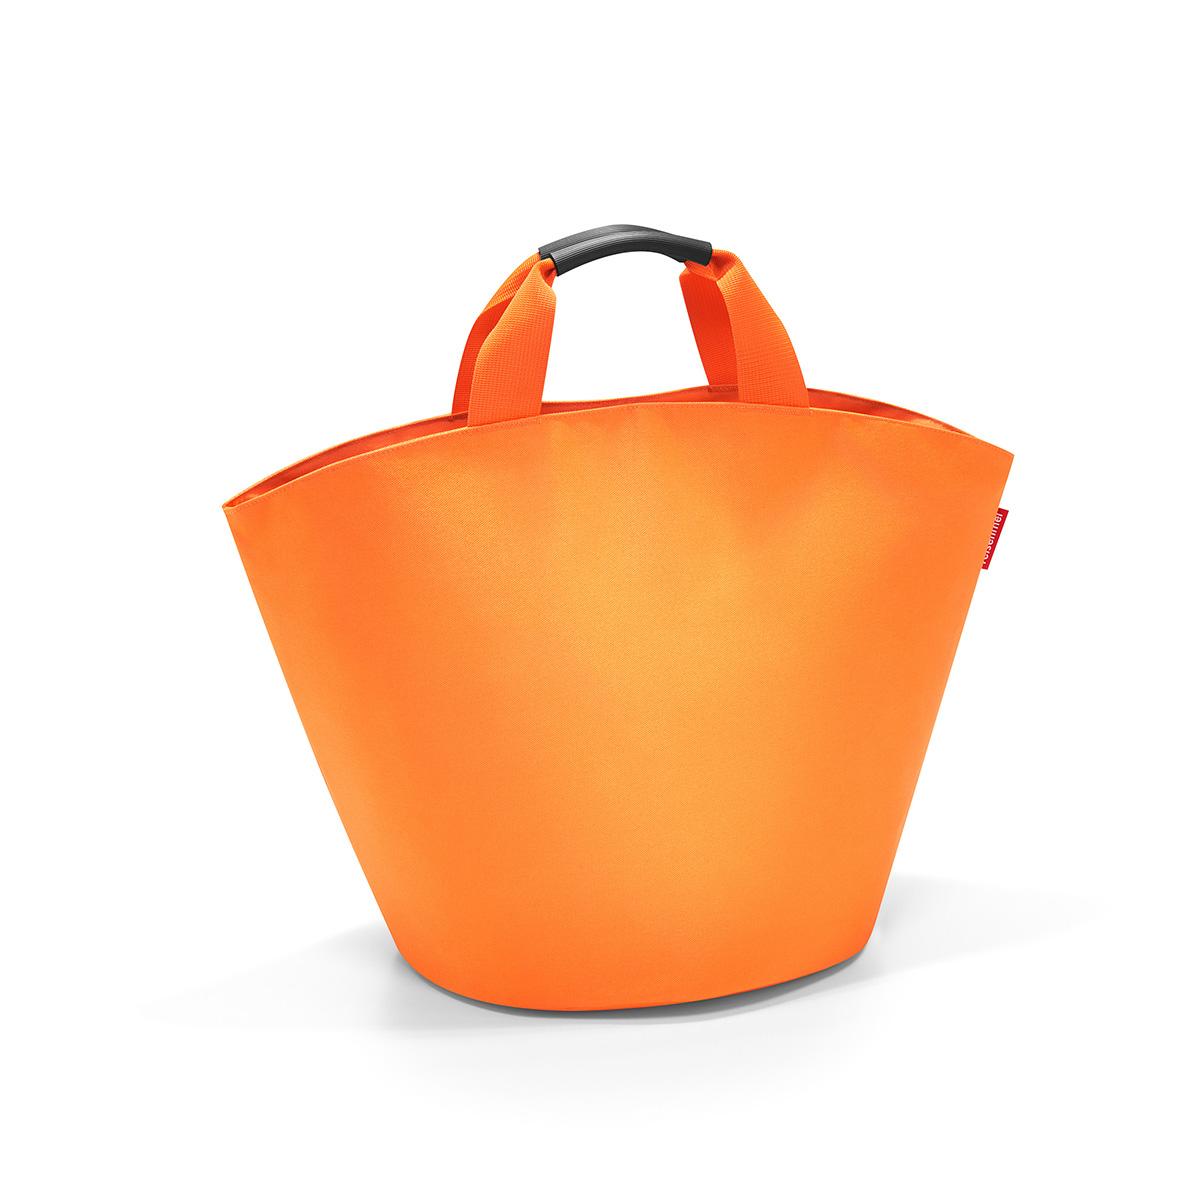 Сумка женская Reisenthel Ibizashopper, цвет: оранжевый. BM2004101248Универсальная женская сумка Reisenthel Ibizashopper изготовлена из плотного полиэстера.Сумка содержит одно вместительное отделение, закрывающееся хлястиком на кнопки. Внутри расположен врезной карман на застежке-молнии. Ручки дополнены специальным покрытием, которое обеспечит максимальный комфорт при эксплуатации изделия.Практичная сумка станет незаменимым аксессуаром для повседневного использования.